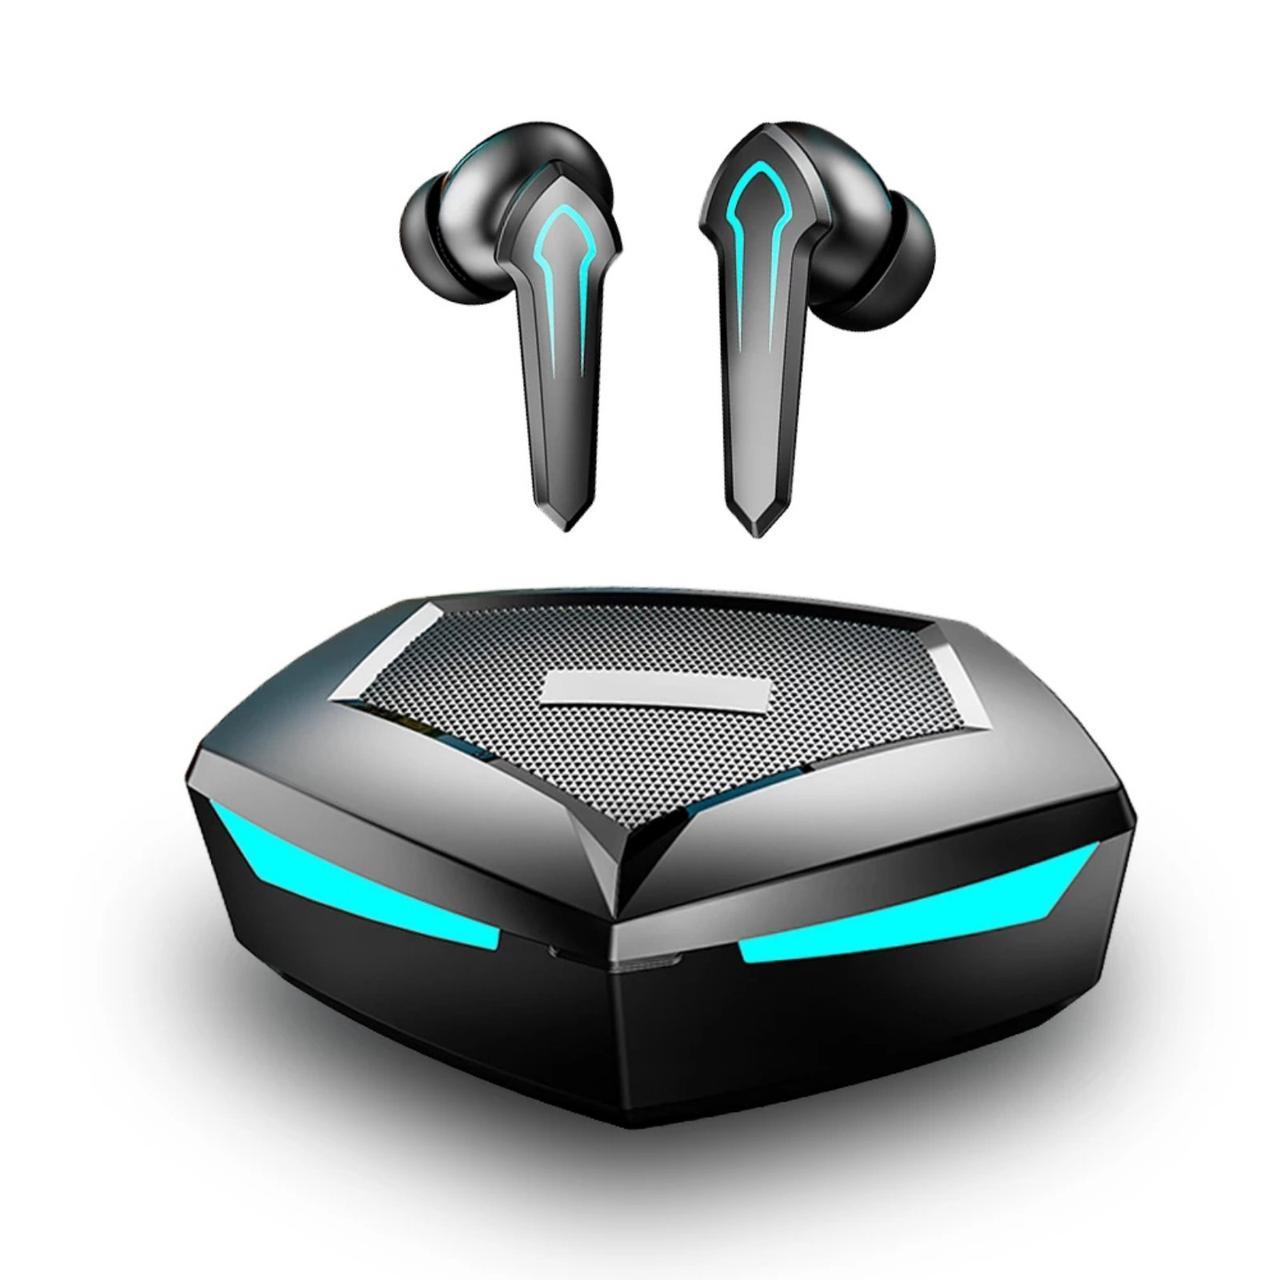 Игровые беспроводные Bluetooth наушники с активным шумоподавлением Earbuds P30